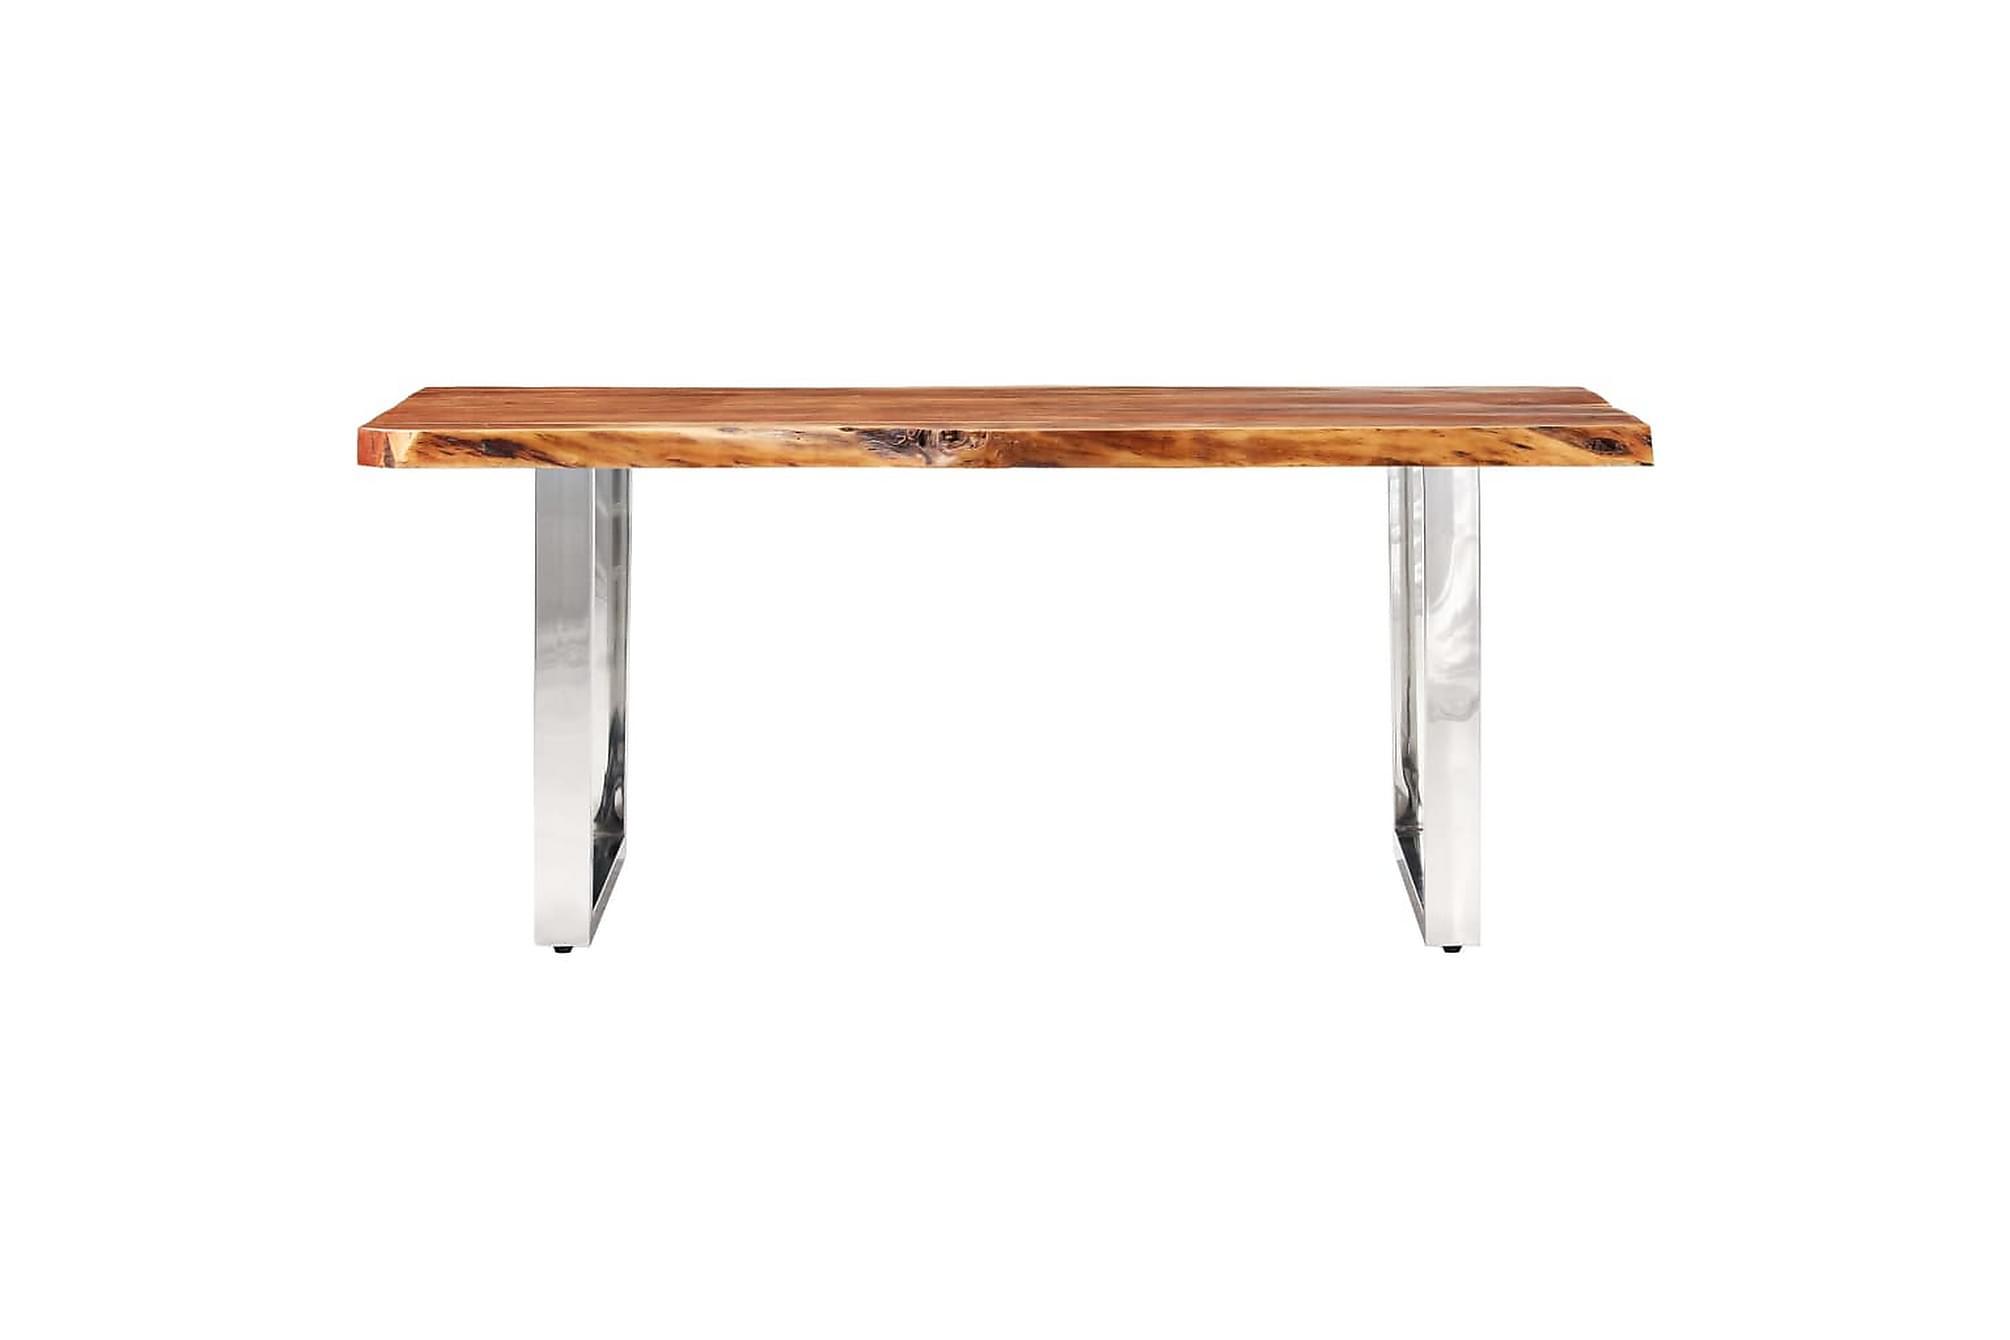 Bord med levande kanter massivt akaciaträ 200 cm 6 cm, Matbord